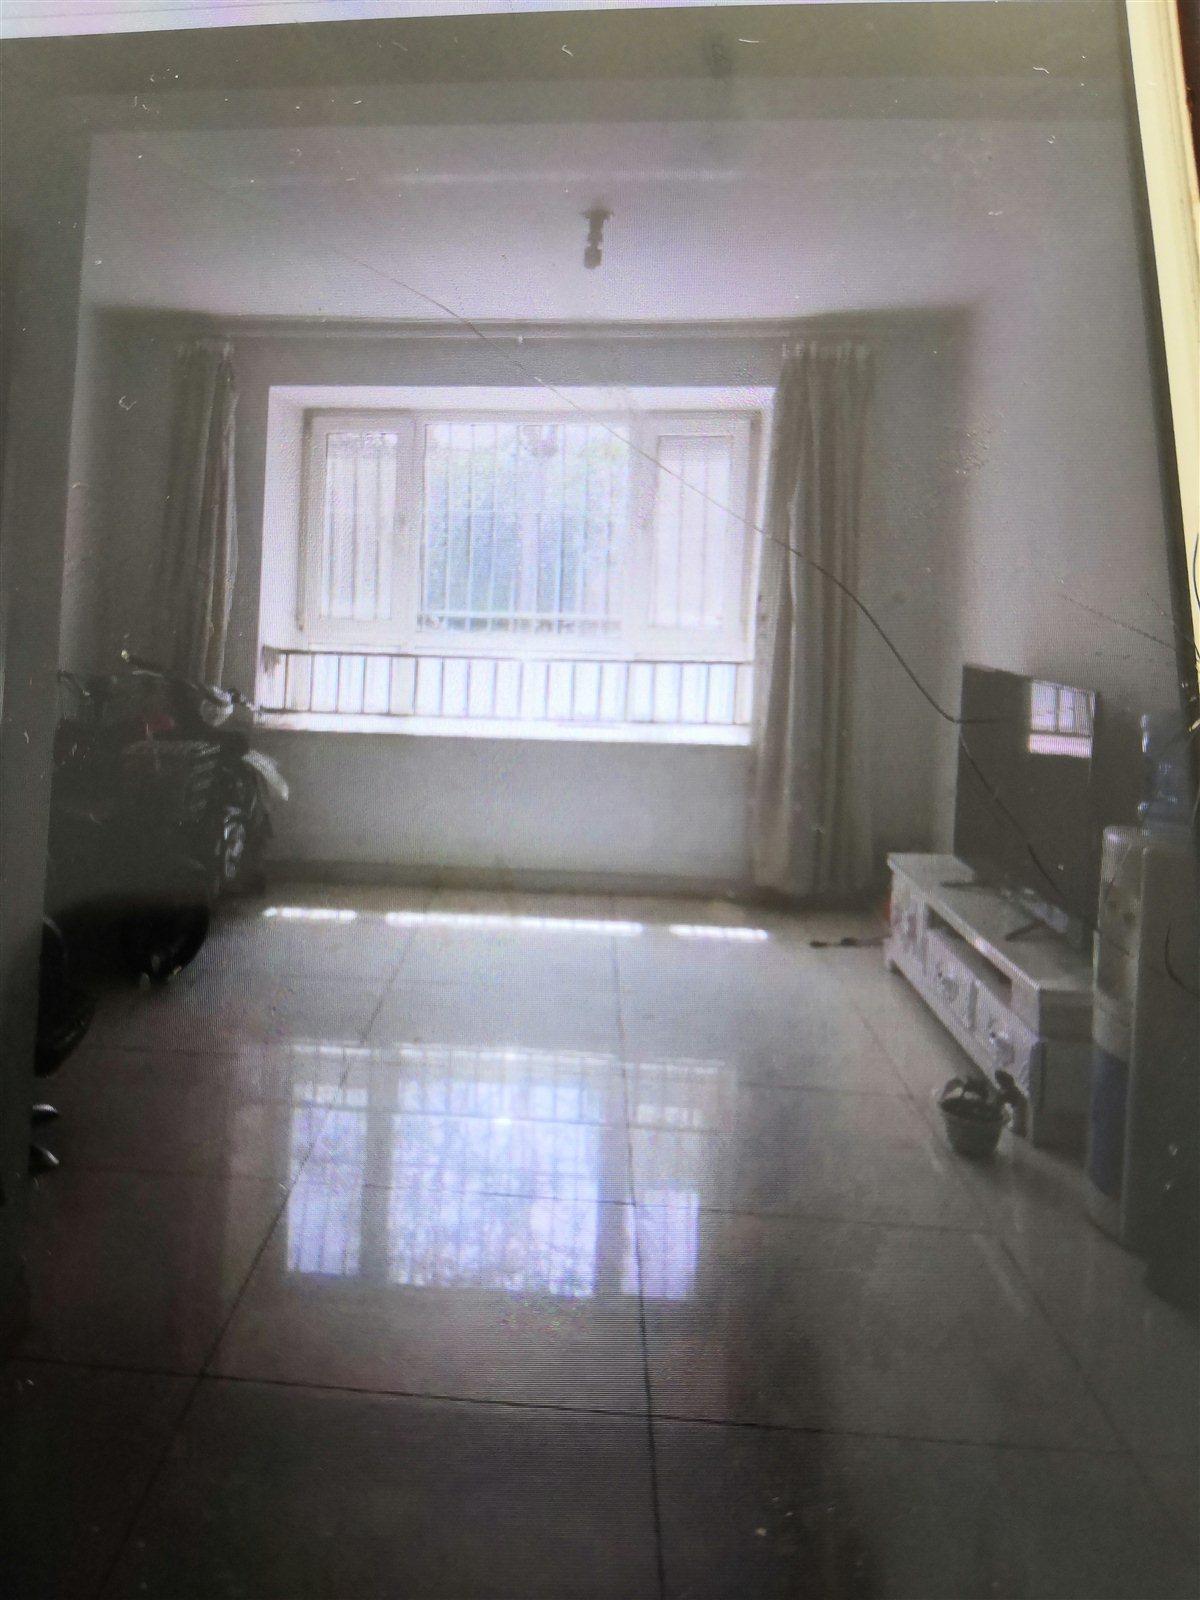 翡翠园小区2室 1厅 1卫68万元